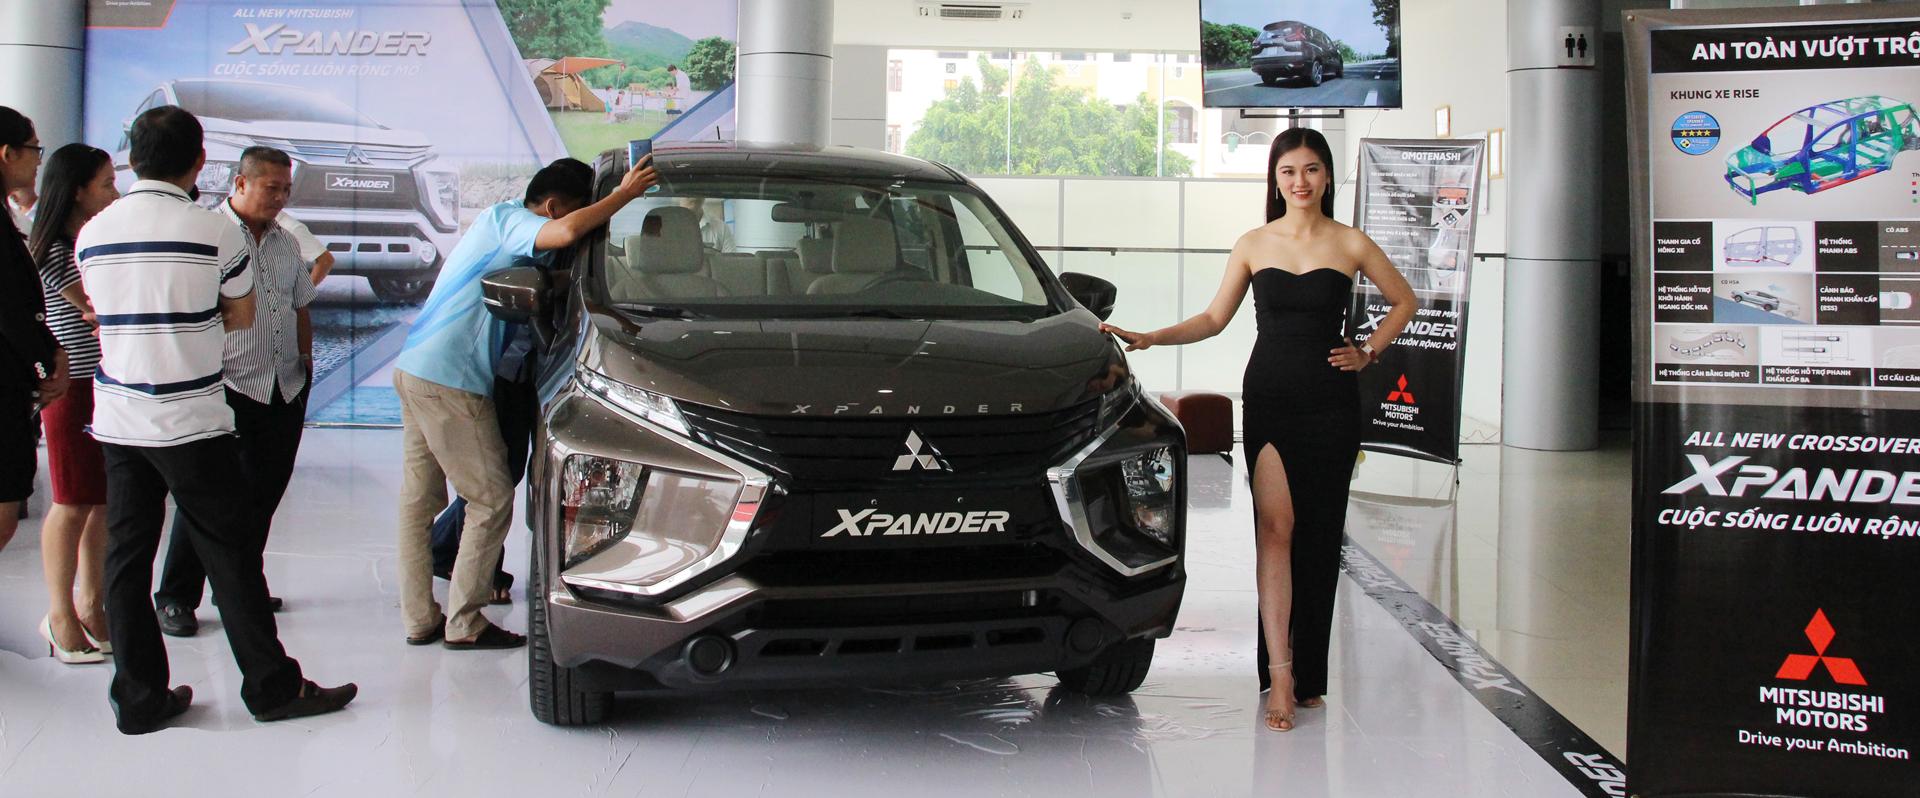 Lễ ra mắt Xpander tại Mitsubishi Quảng Ngãi